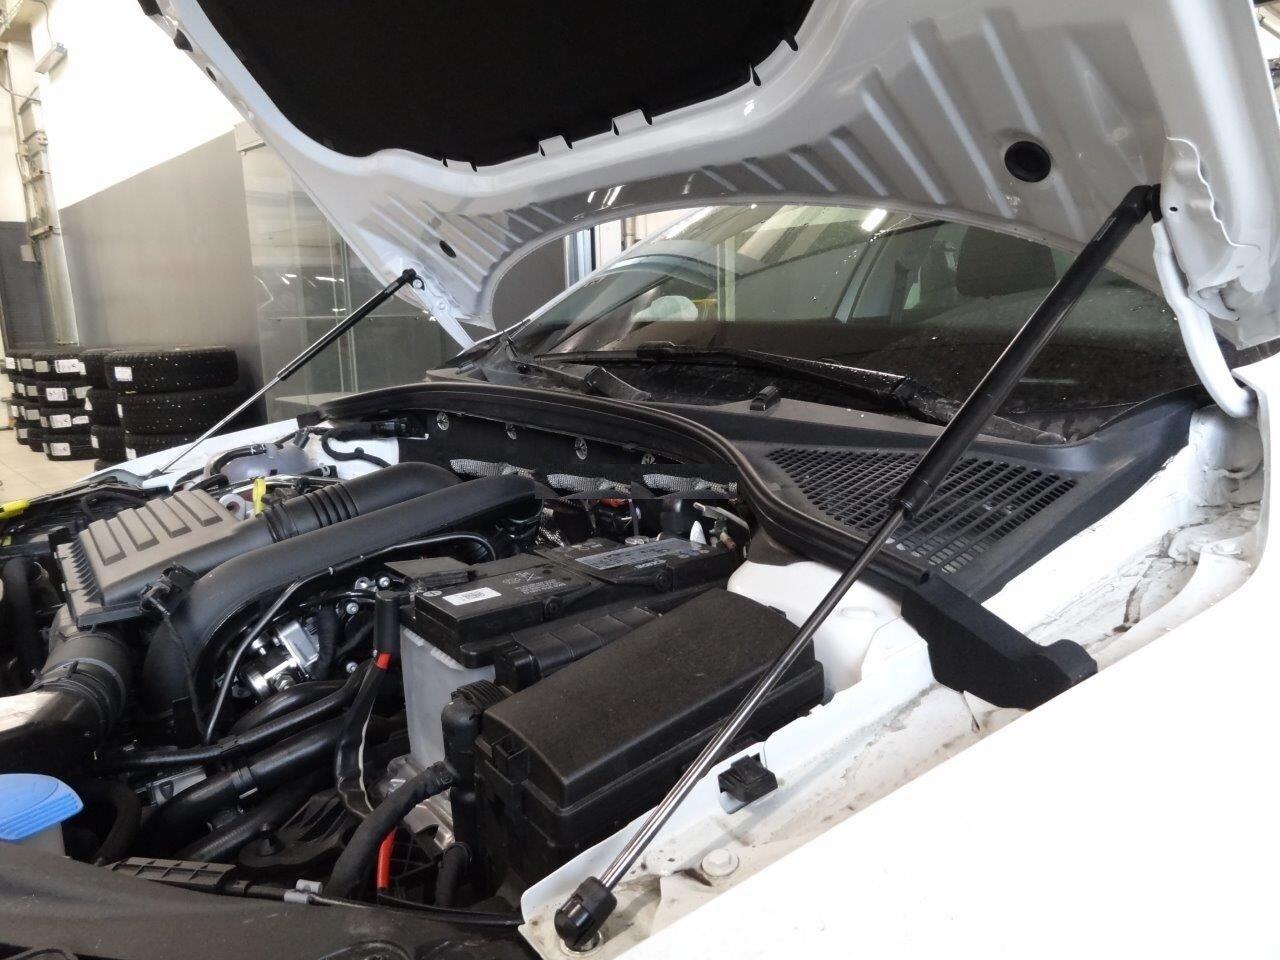 Упоры - Амортизаторы капота для Шкода Октавия А7 (Skoda Octavia A7) с 2013 года 2 шт. KU-SK-OKIII-00